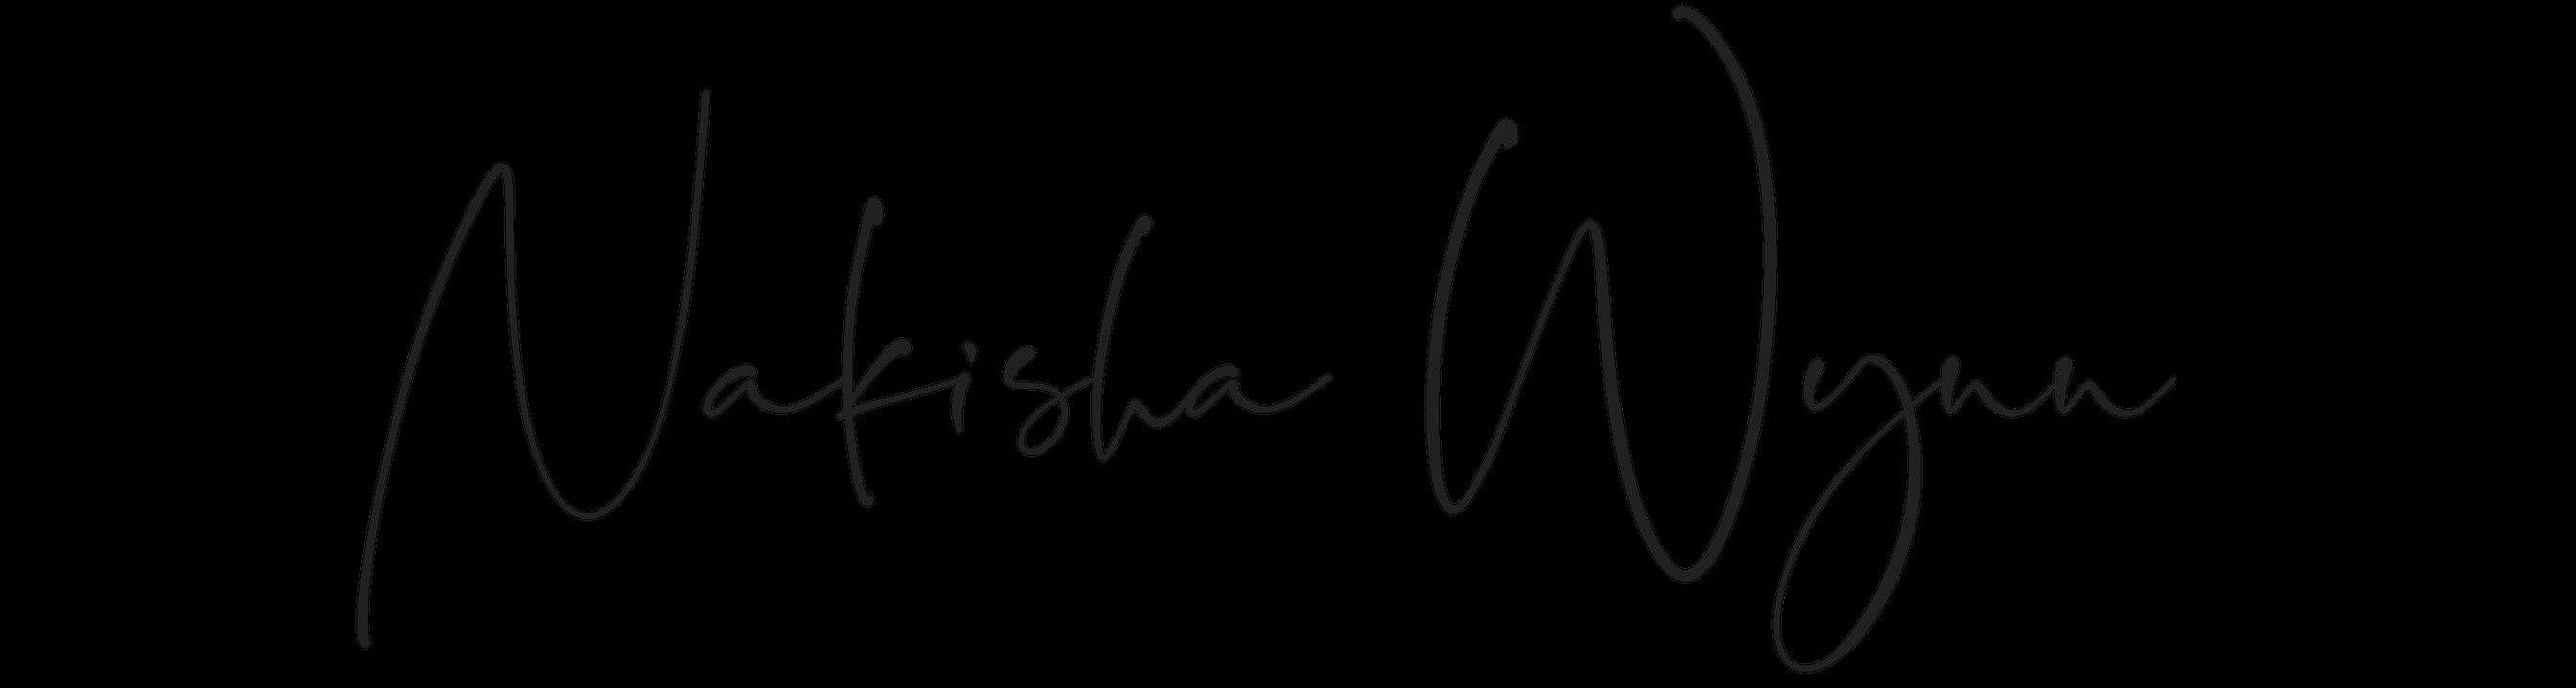 Nakisha Wynn